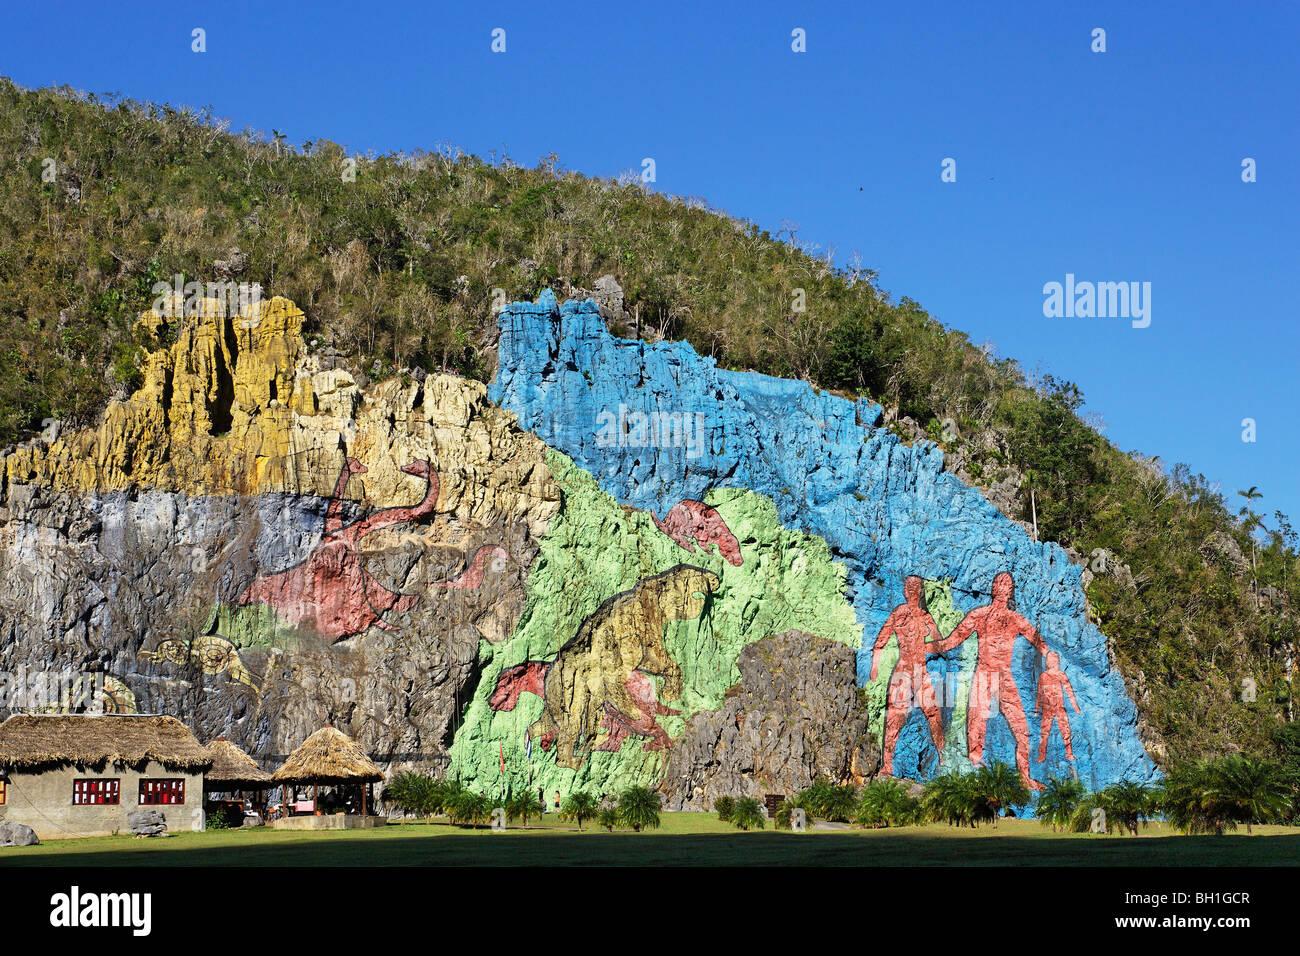 Mural de la prehistoria vinales pinar del rio cuba for Mural de la prehistoria